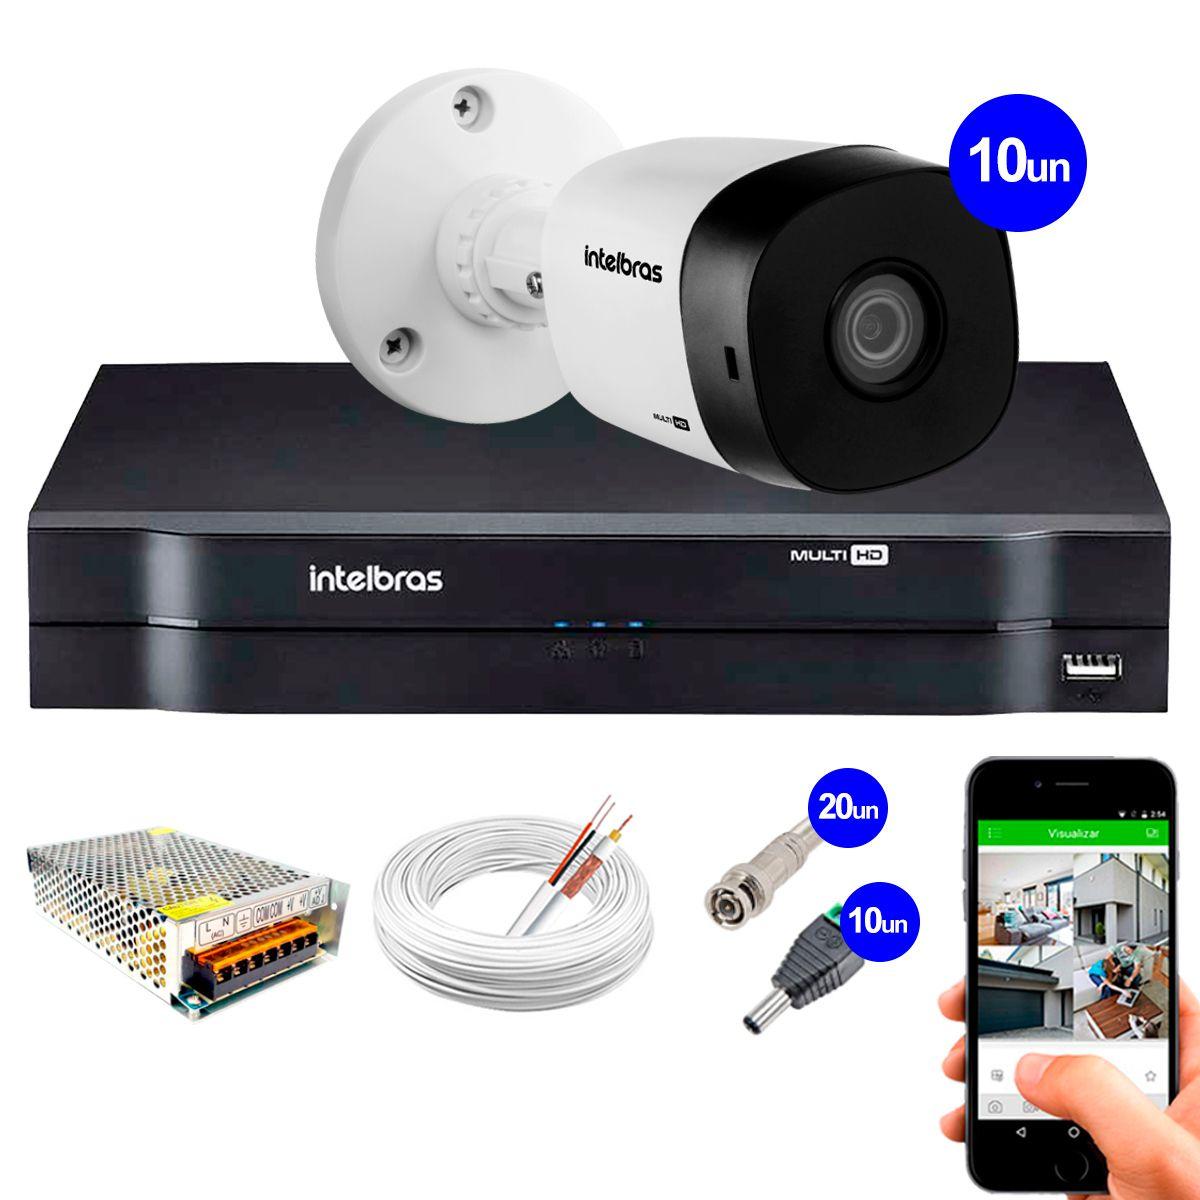 Kit 10 Câmeras VHD 1120 B G5 + DVR Intelbras + App Grátis de Monitoramento, Câmeras HD 720p 20m Infravermelho de Visão Noturna Intelbras + Fonte, Cabos e Acessórios  - Tudo Forte